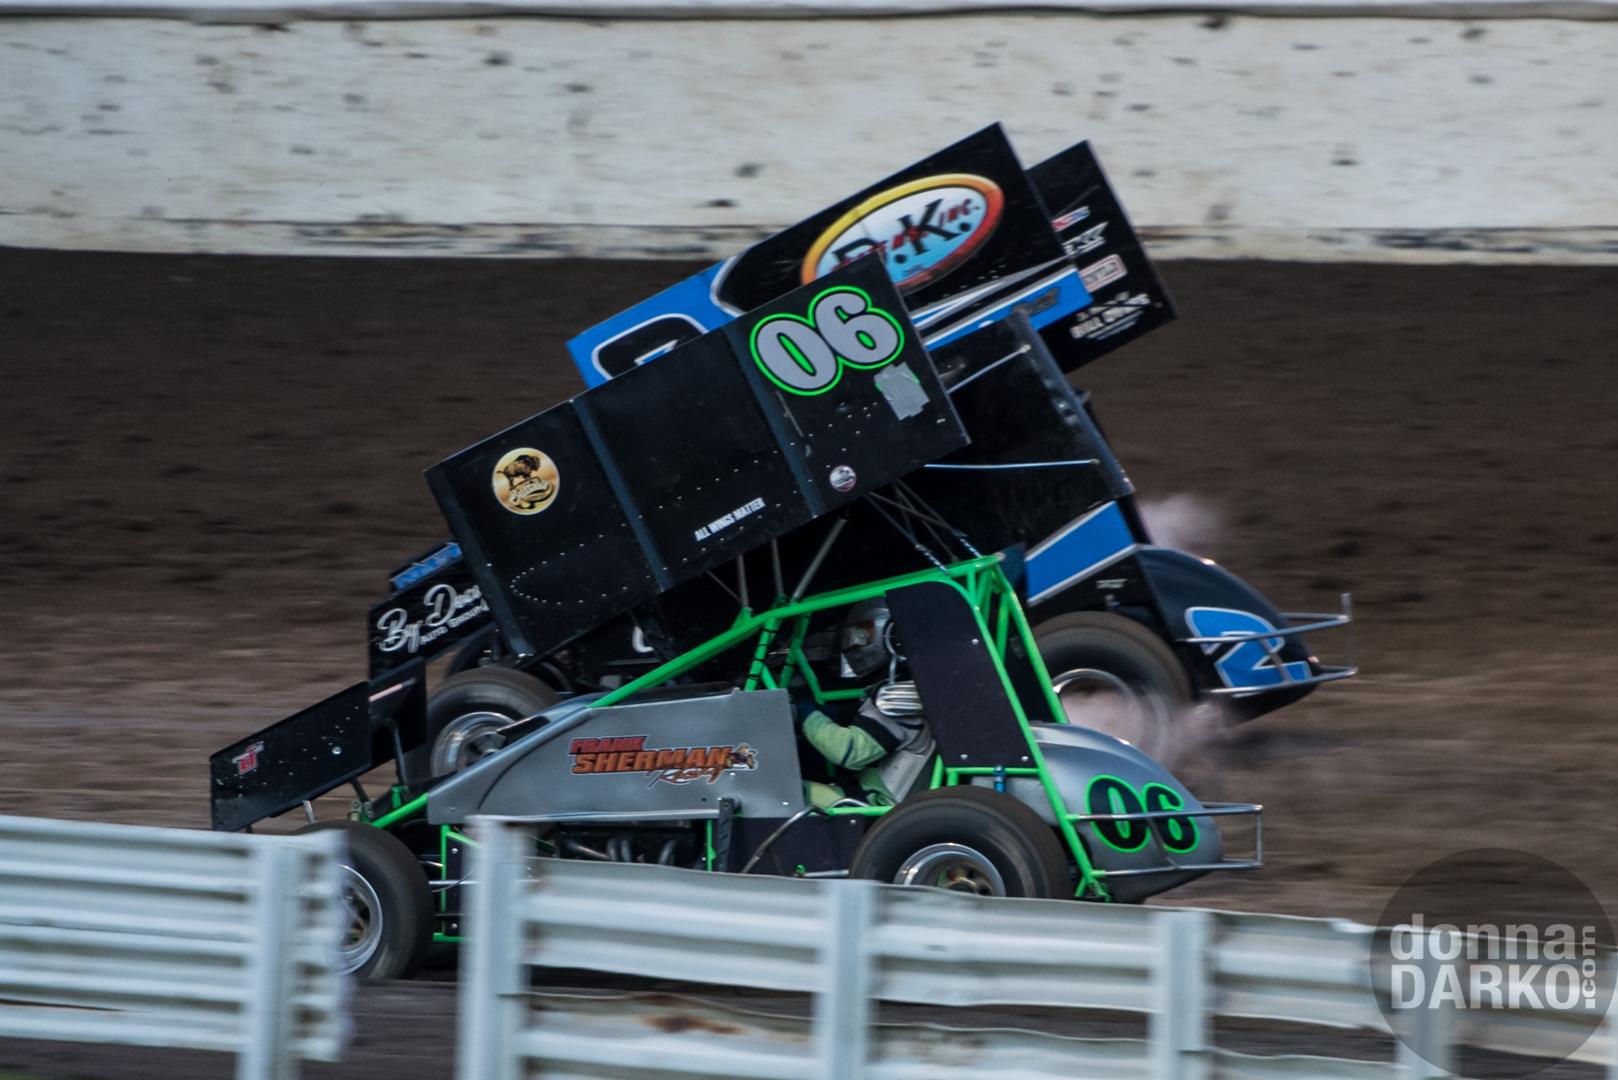 Sagit Speedway 6-8-19 -DSC_6300.jpg